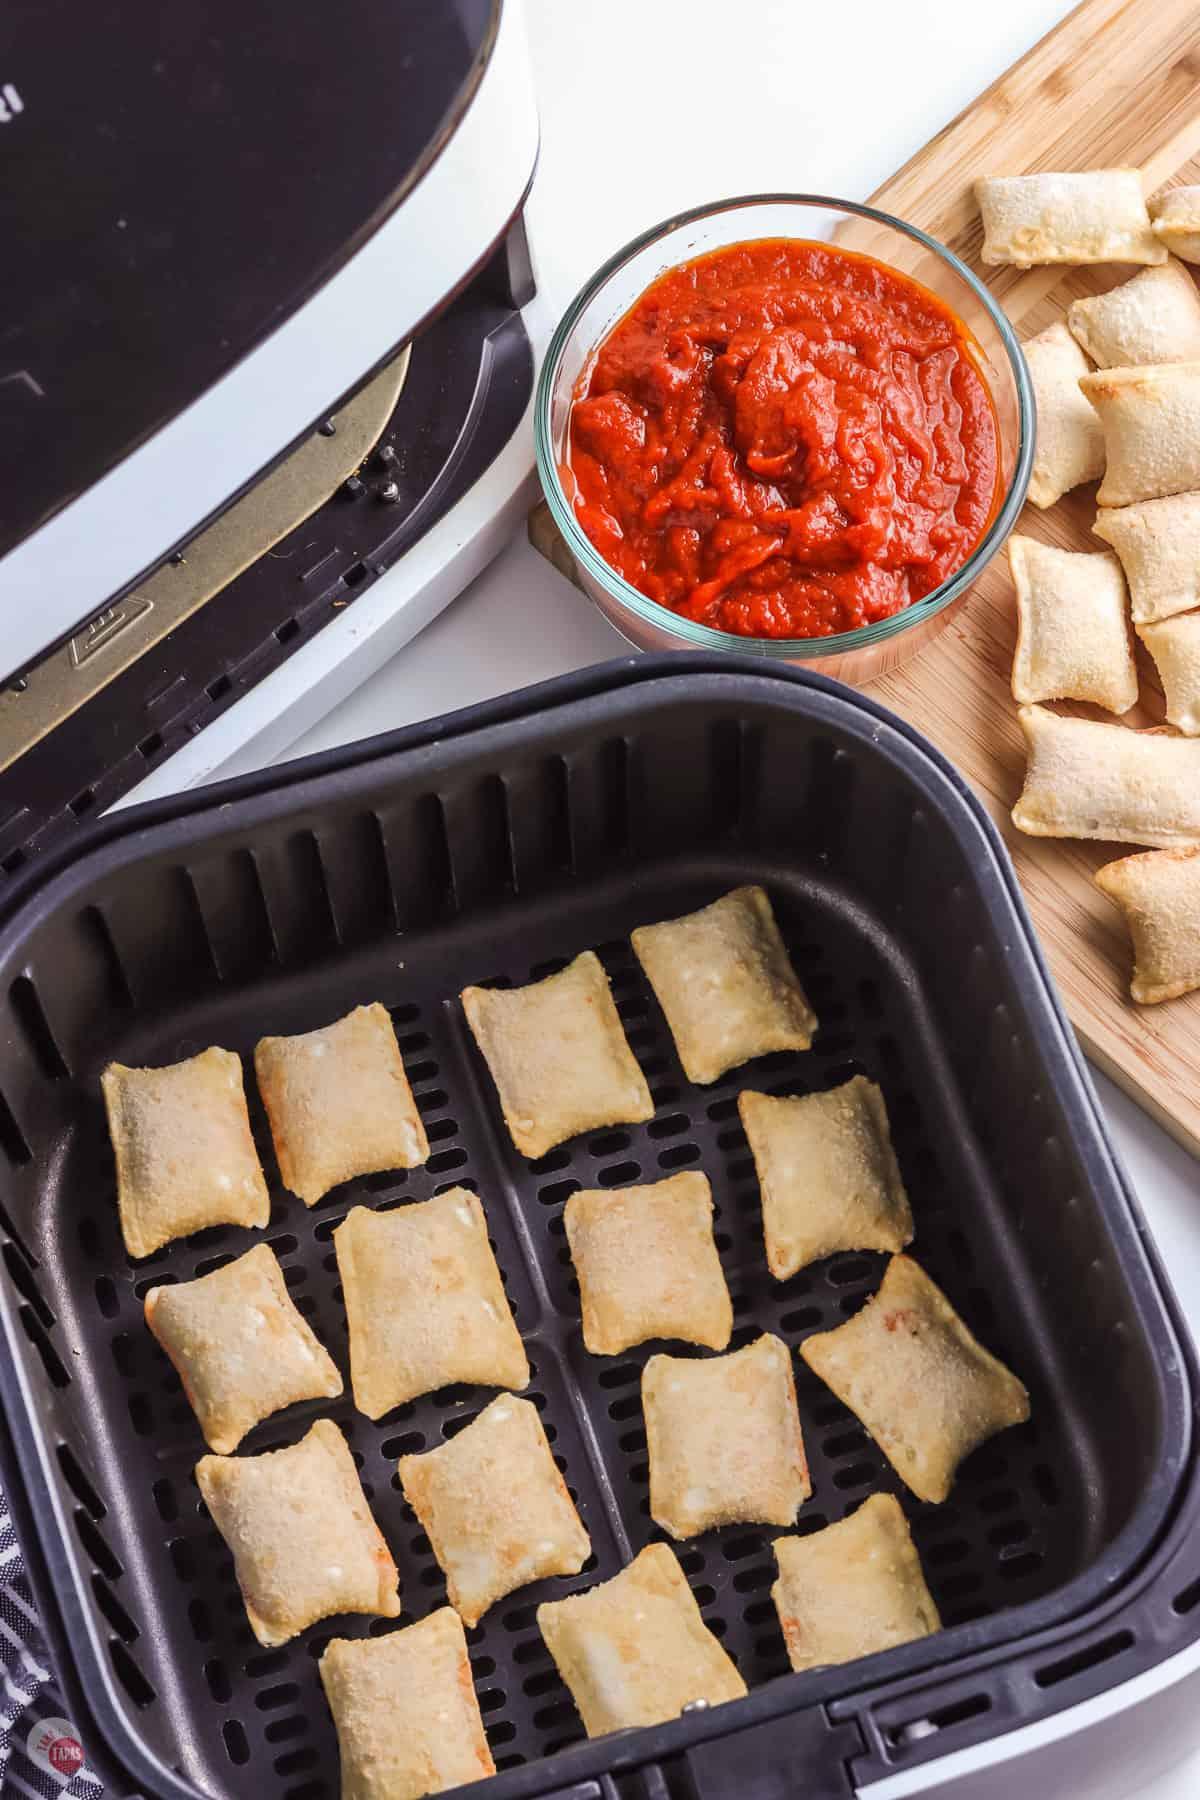 frozen pizza rolls in a basket